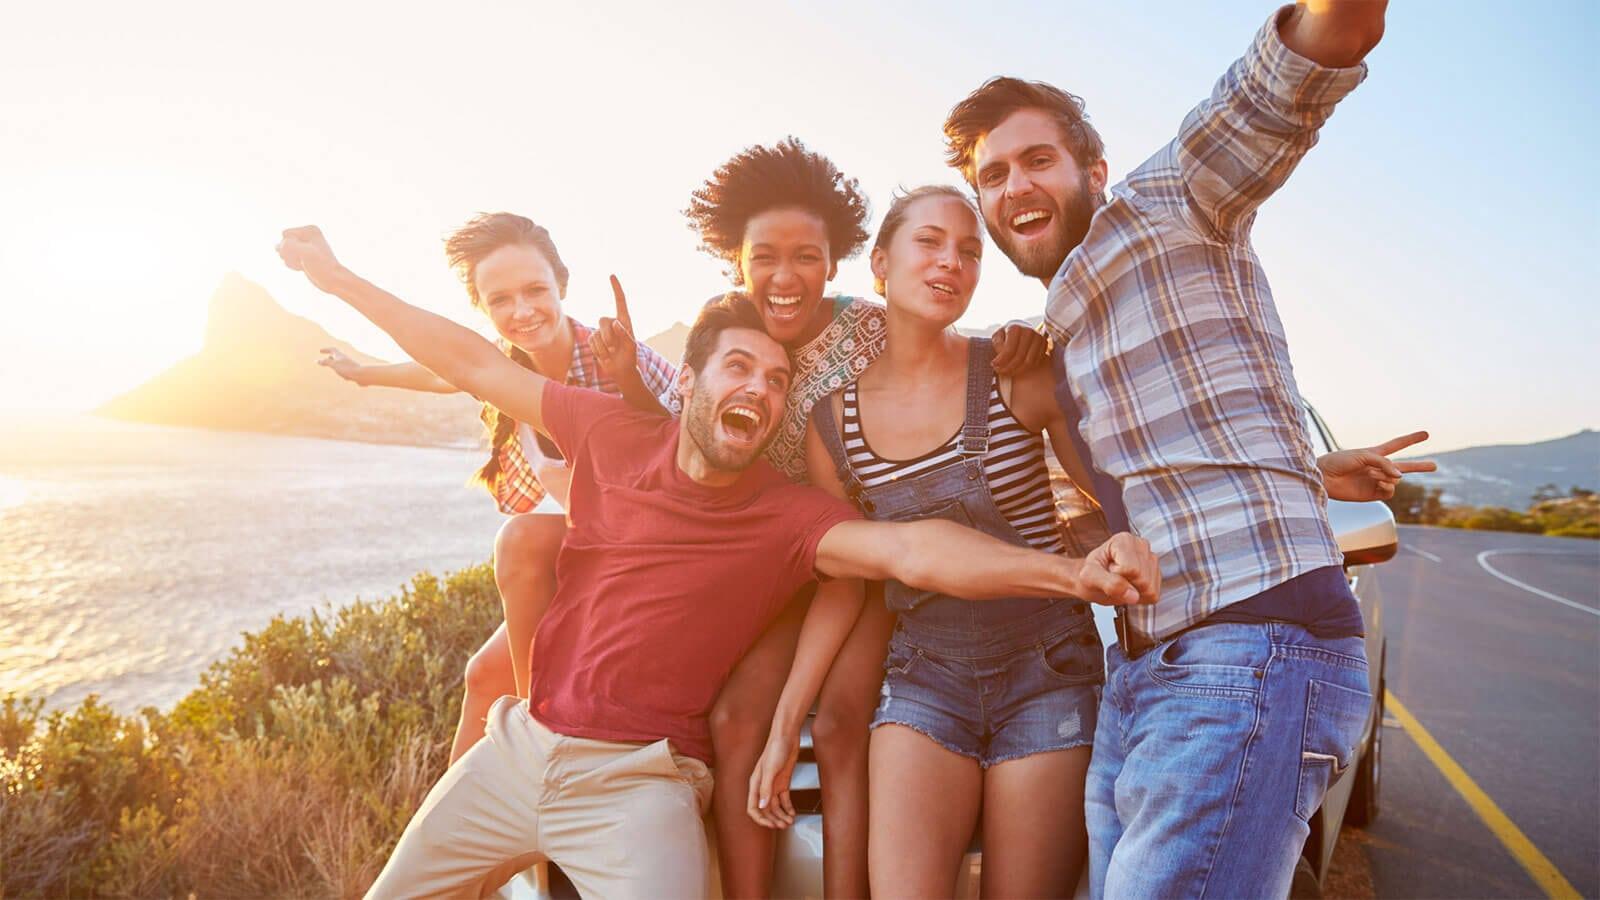 Überraschungsreise 1 Tag Hin- und Rückreise Gruppe von Freunden Wish&Fly